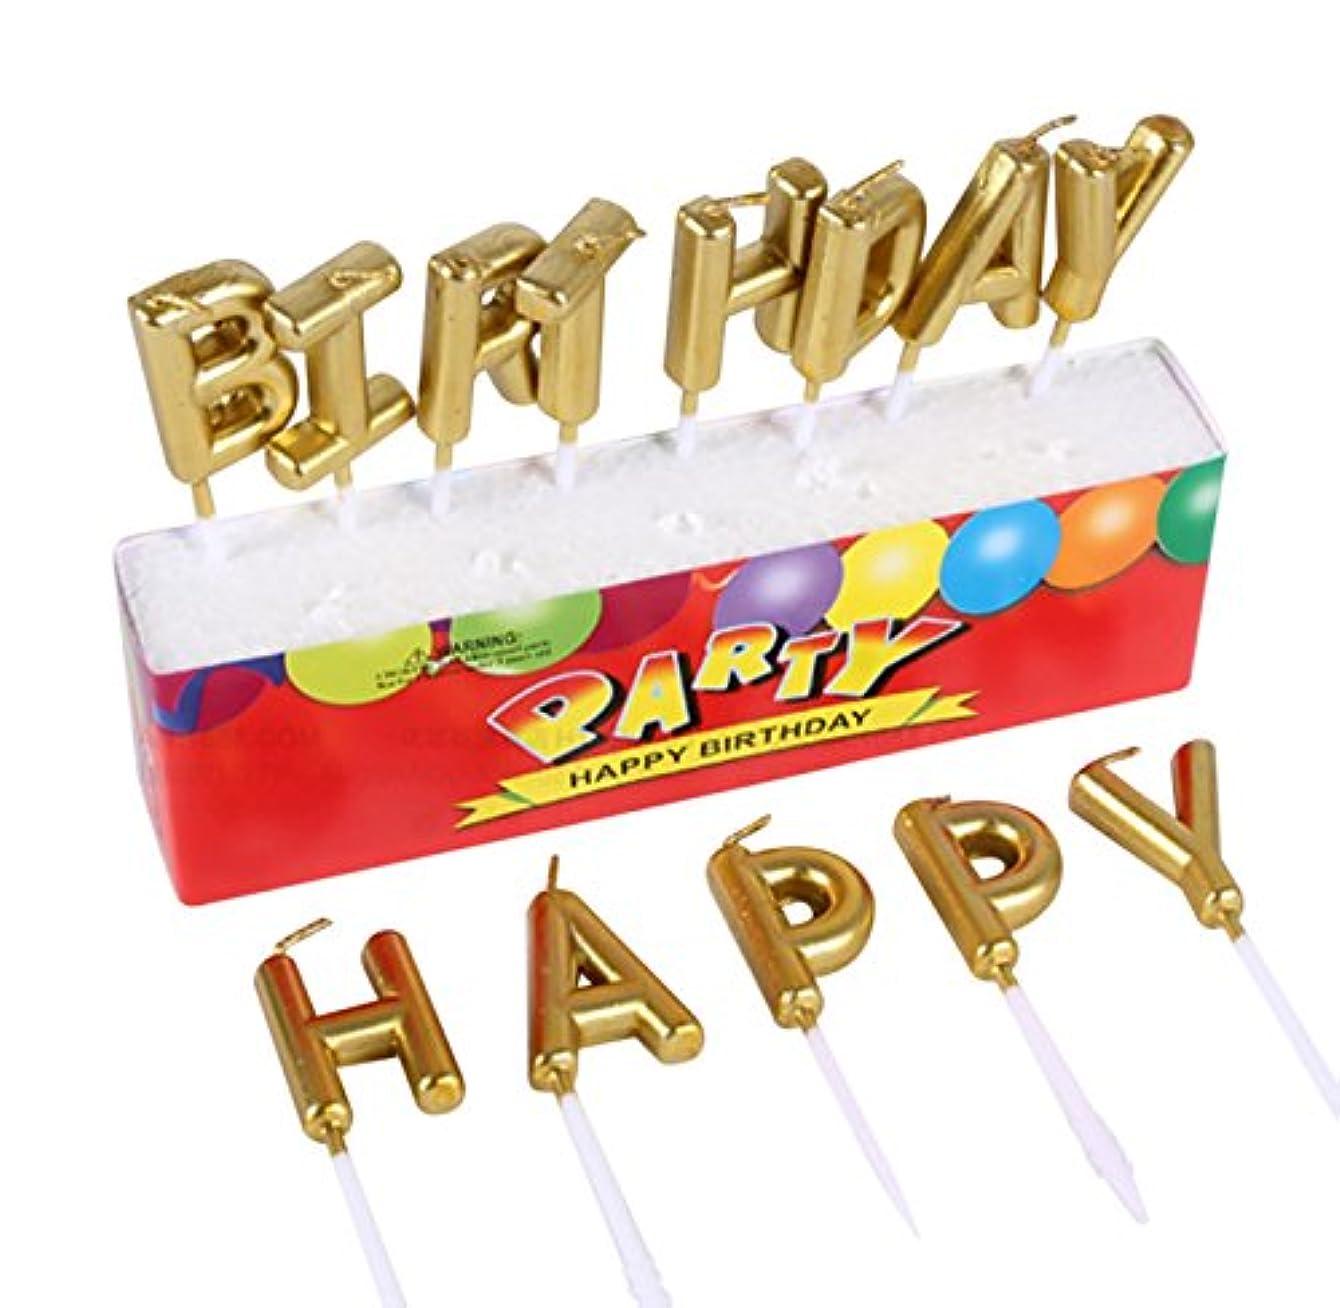 スカーフ真似る文化Birthday キャンドル 金色 お誕生日 ハッピー バースデー